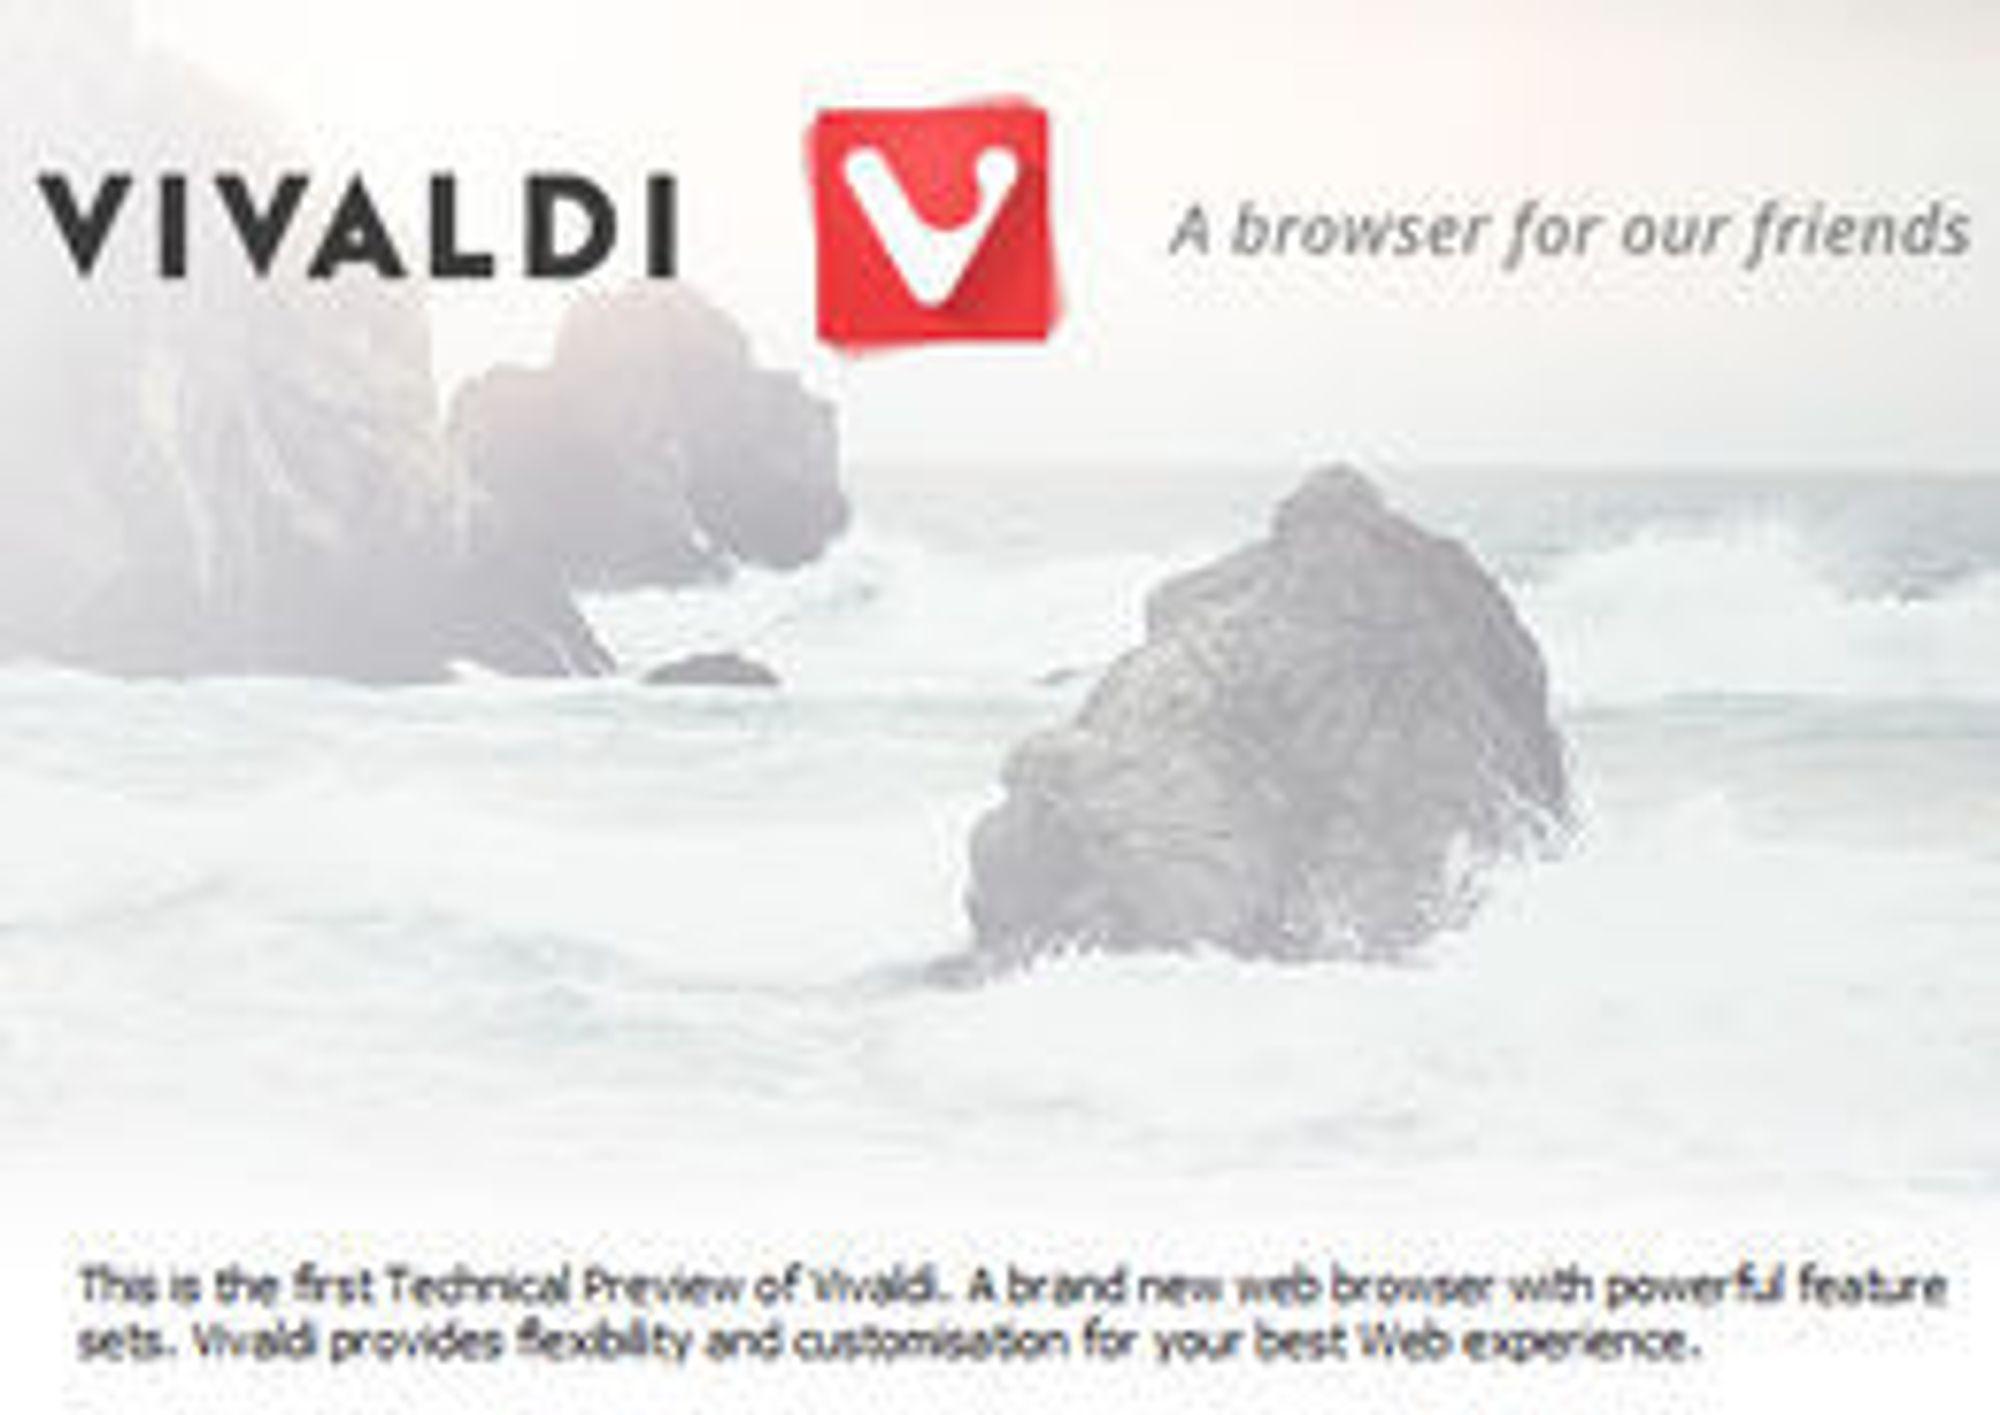 Vivaldi er en nettleser for våre venner, er slagordet deres. Her ser vi også nettleser-logoen.